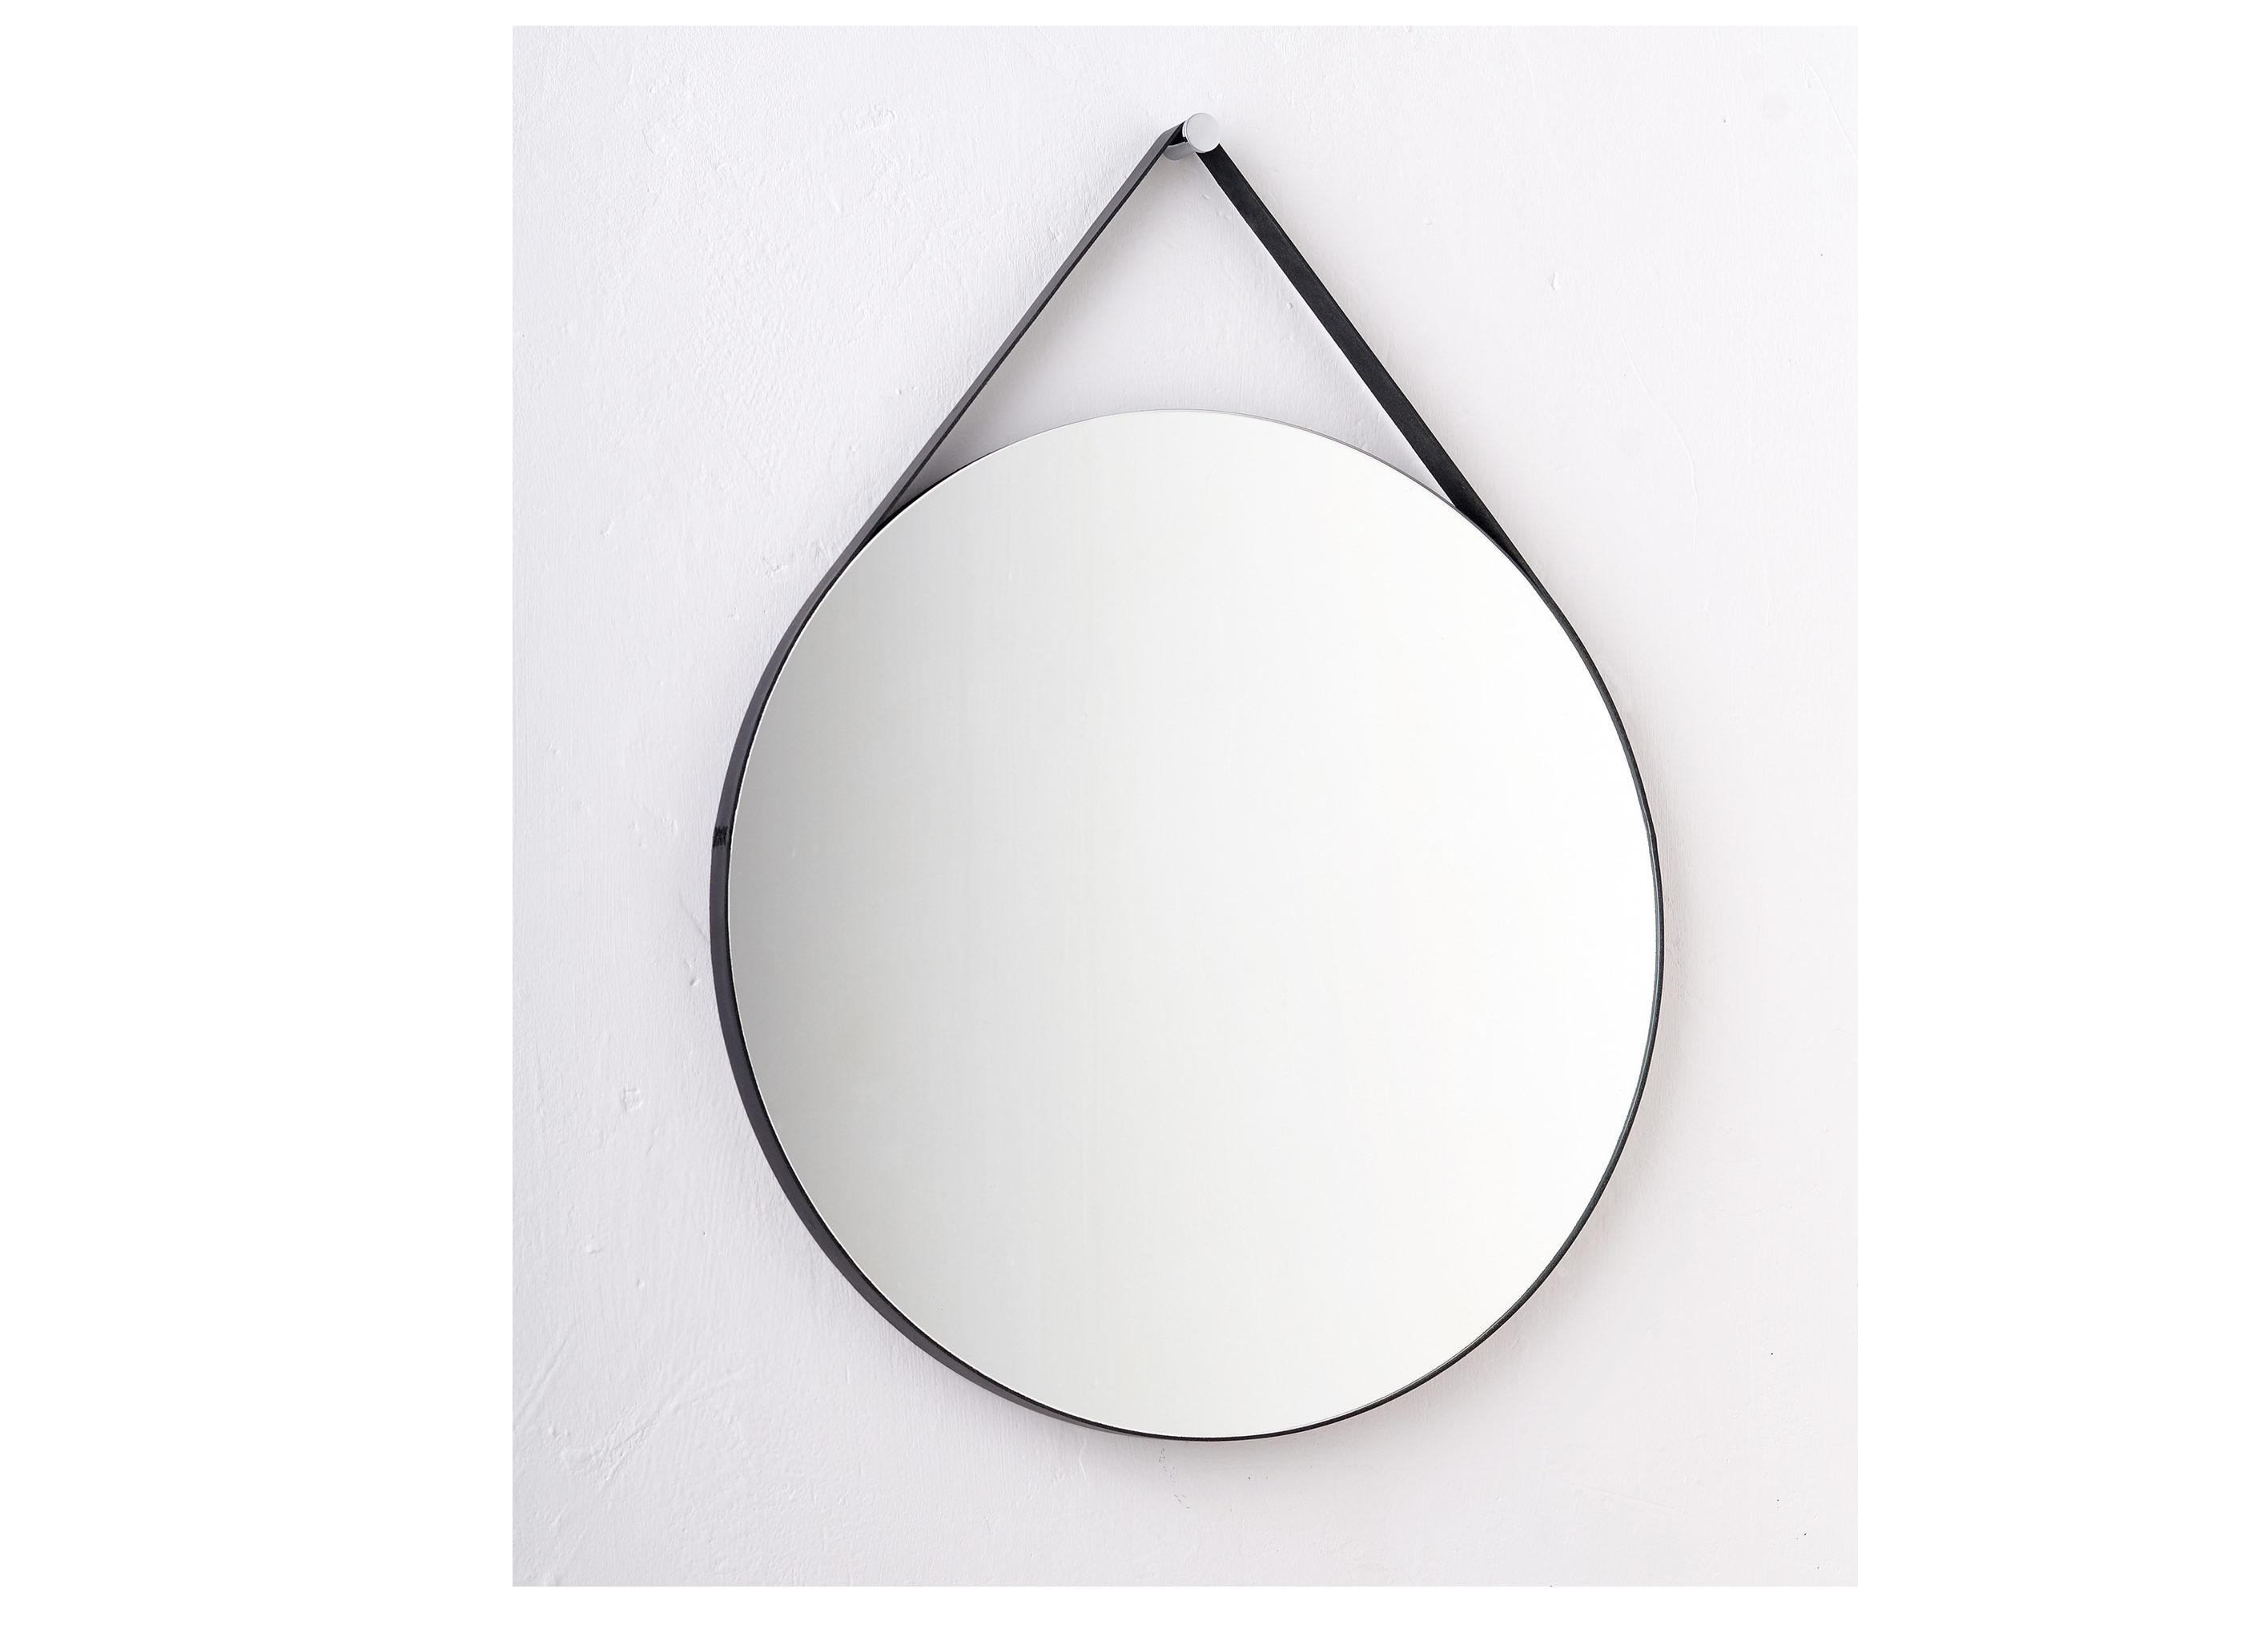 Круглое зеркало на ремне (banska) черный 53x68x2.4 см.